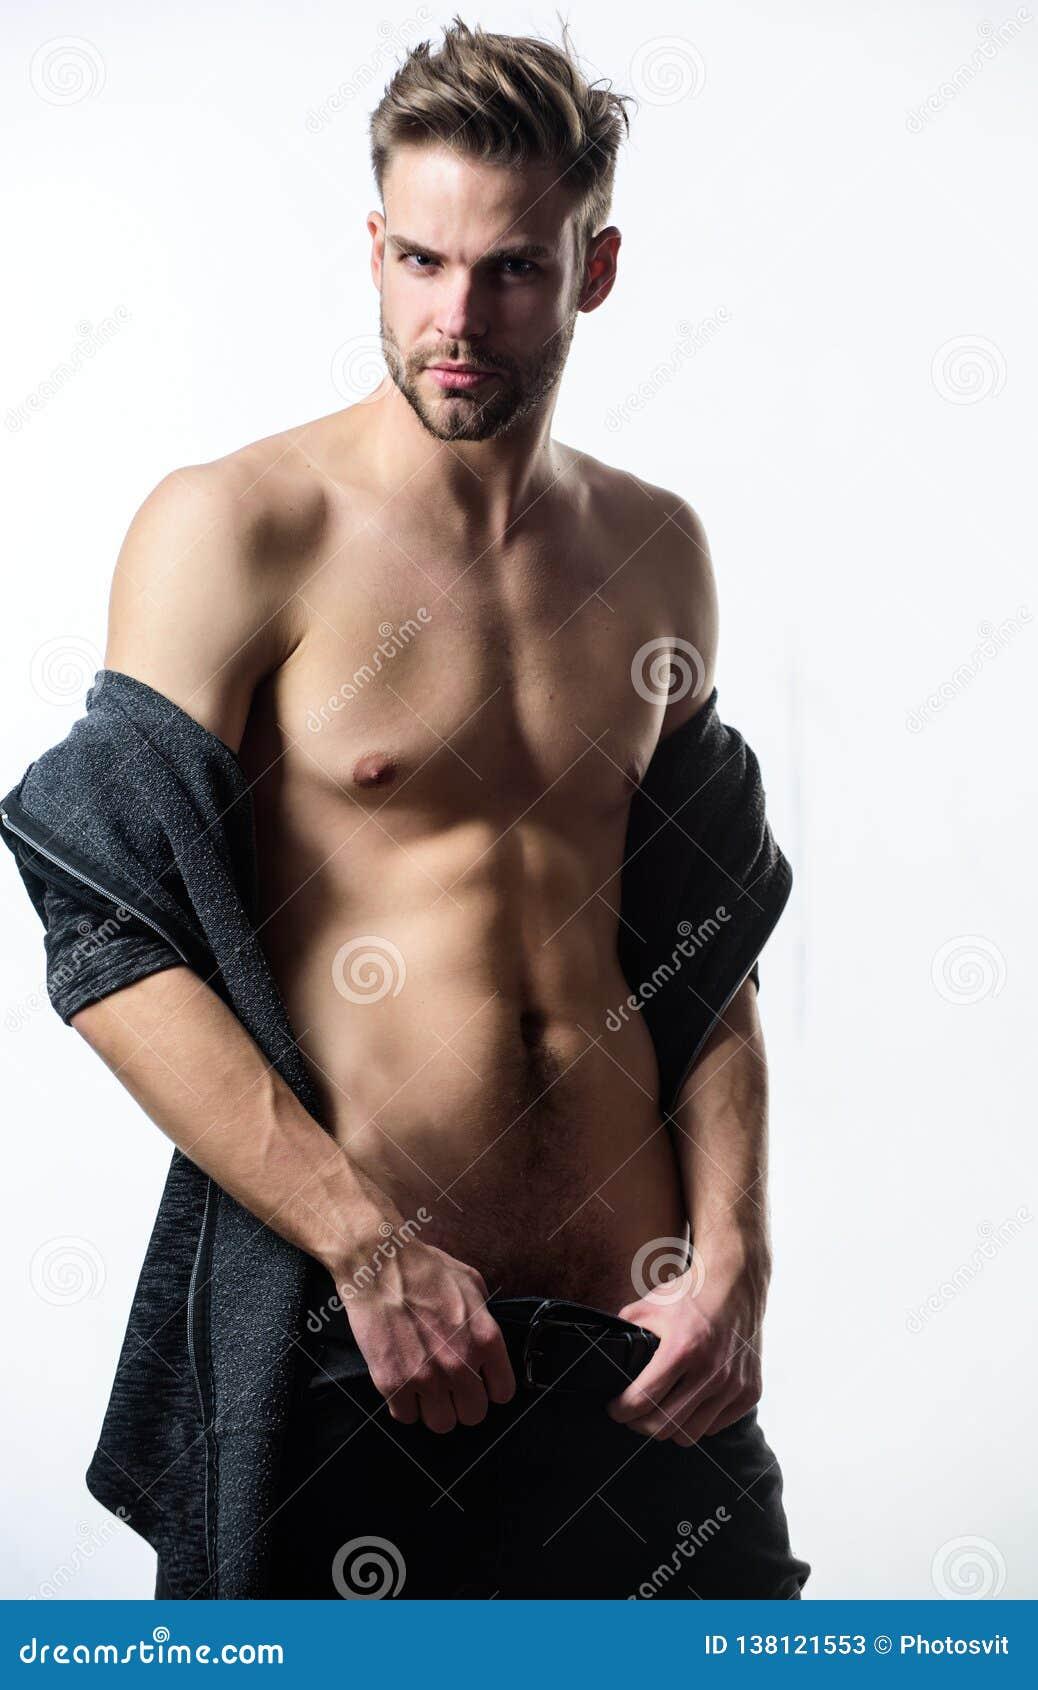 Сексуальность мужского тела